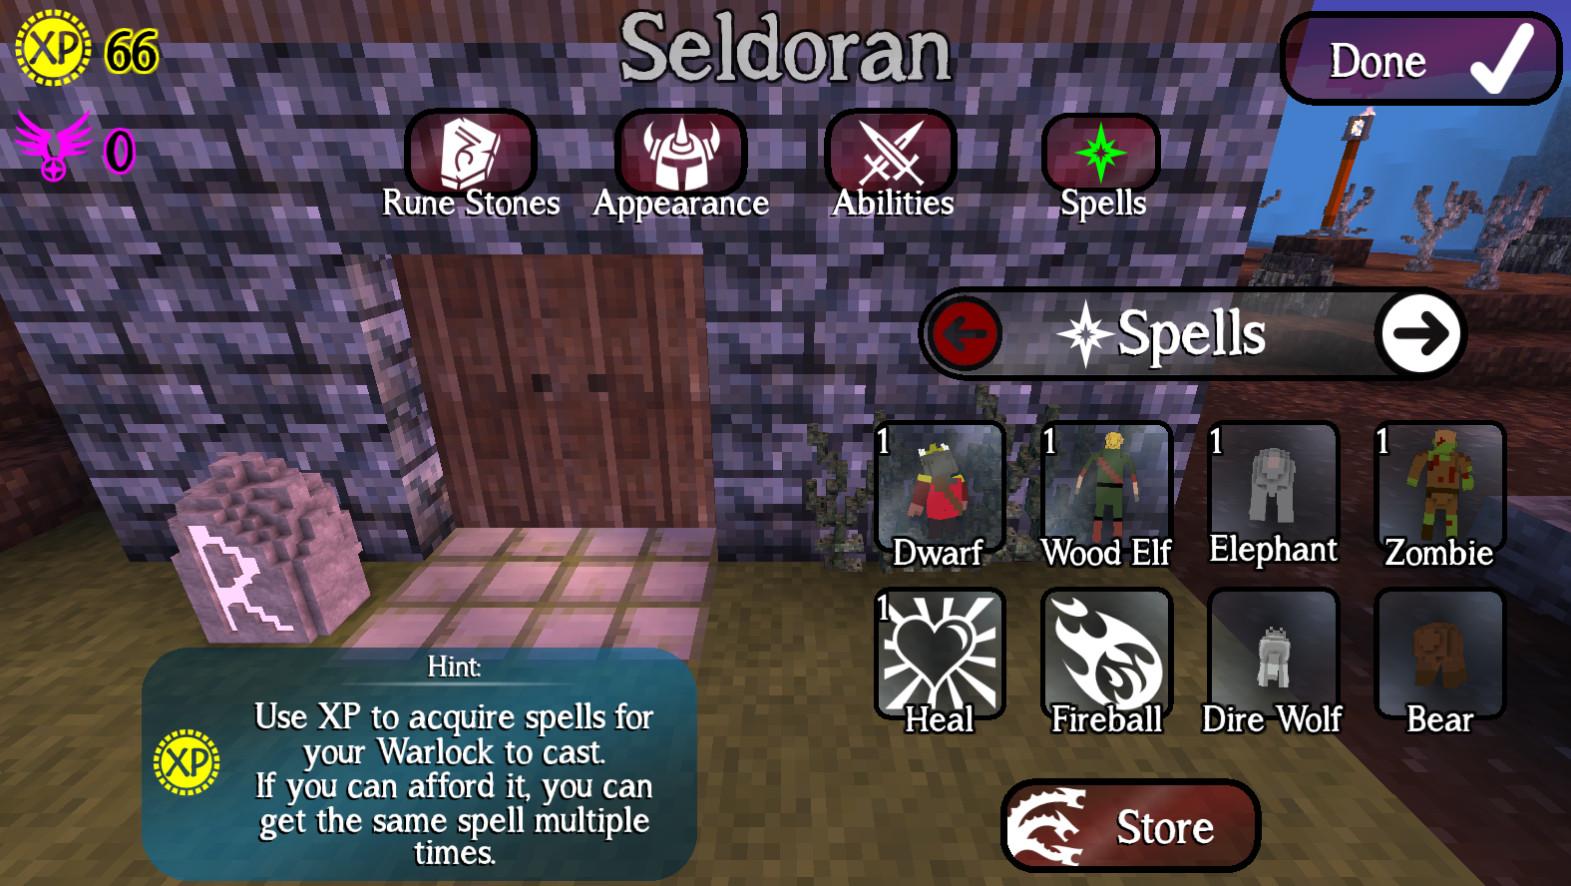 Giochi completi per Android gratuiti - The Last Warlock spells